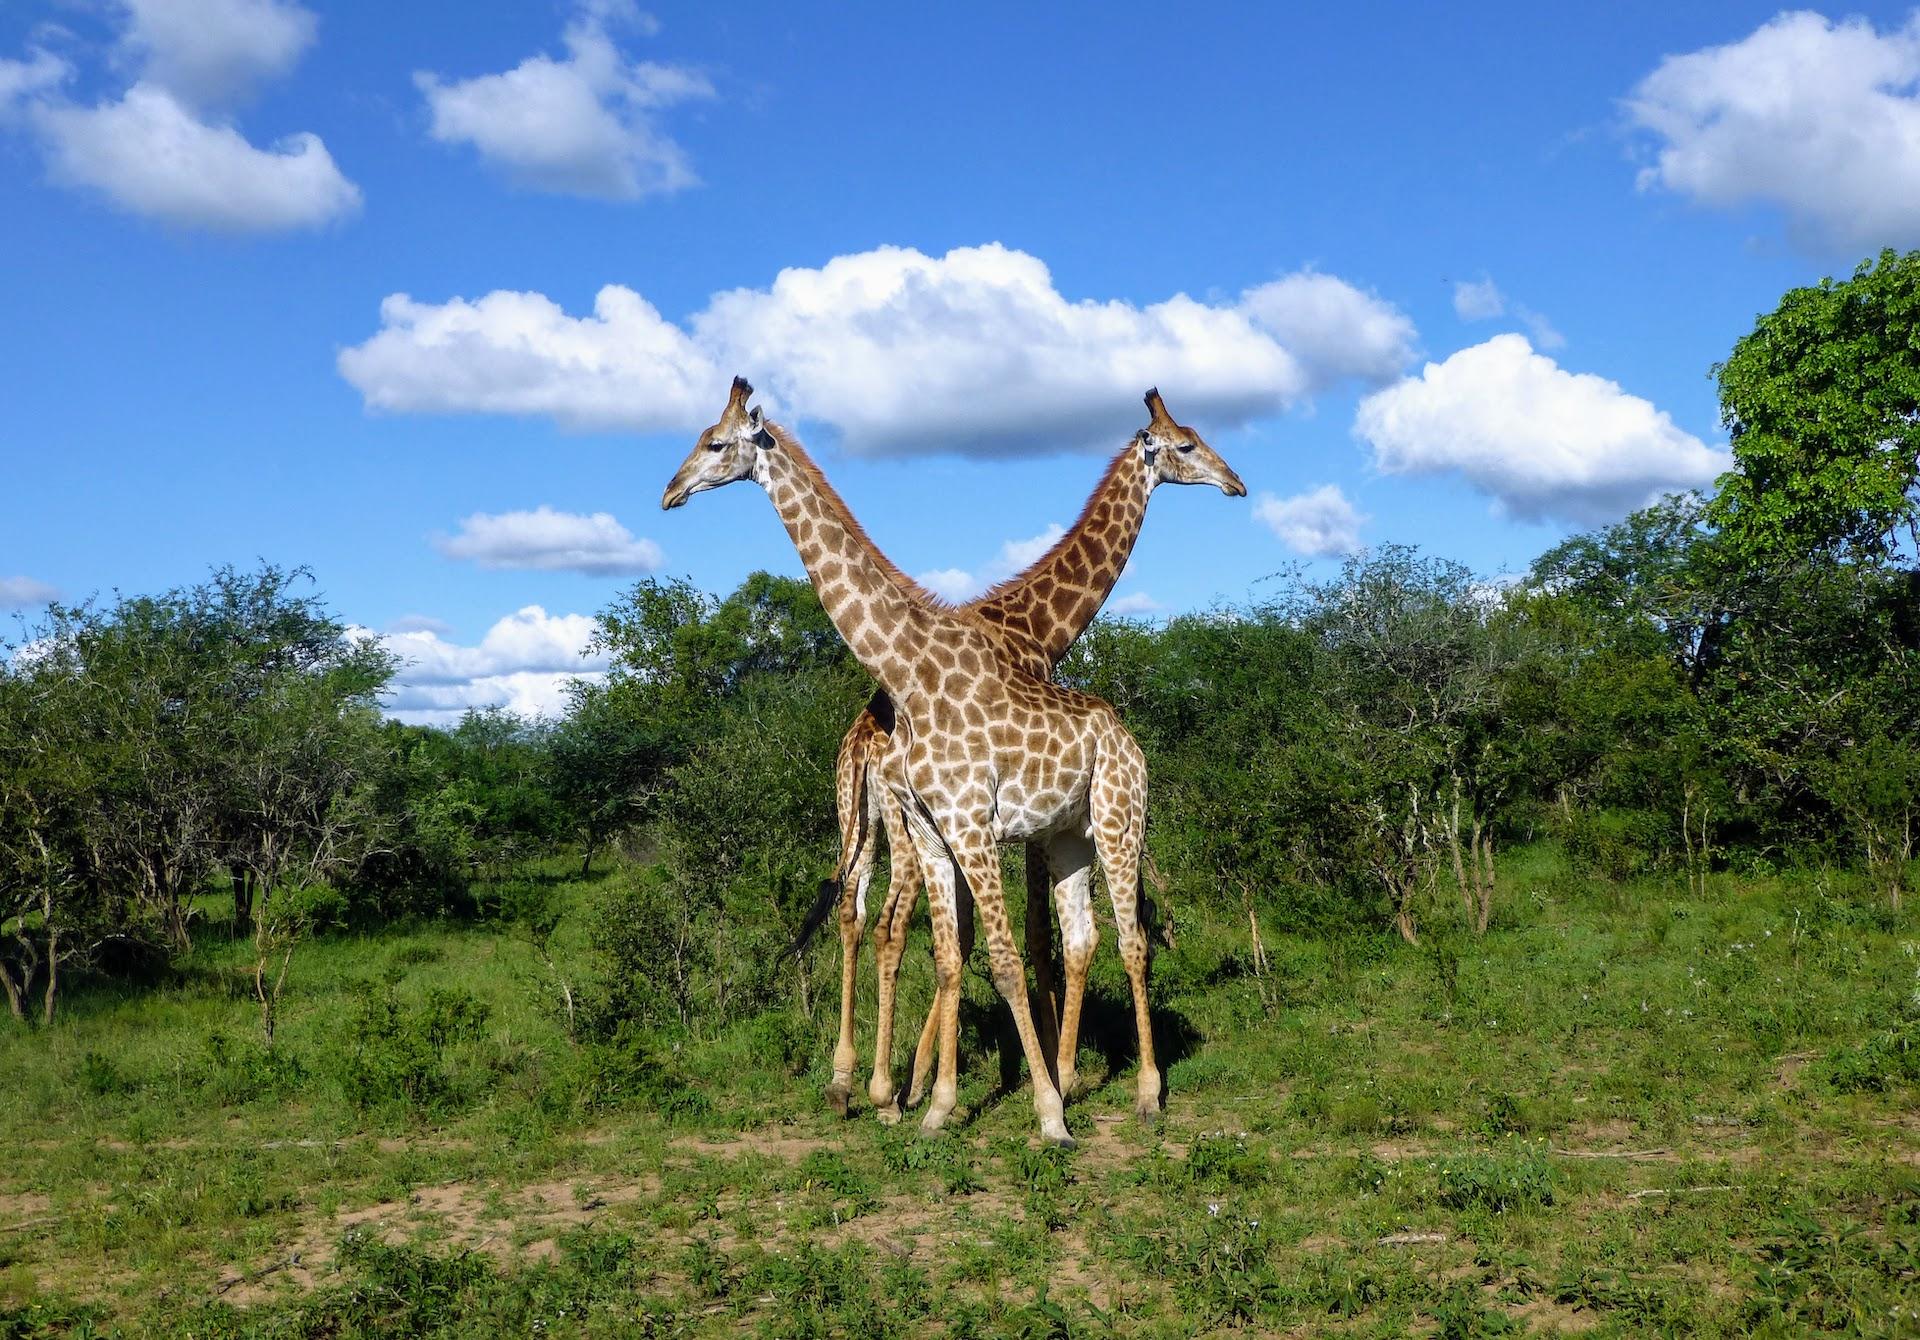 Kenya safari - giraffes